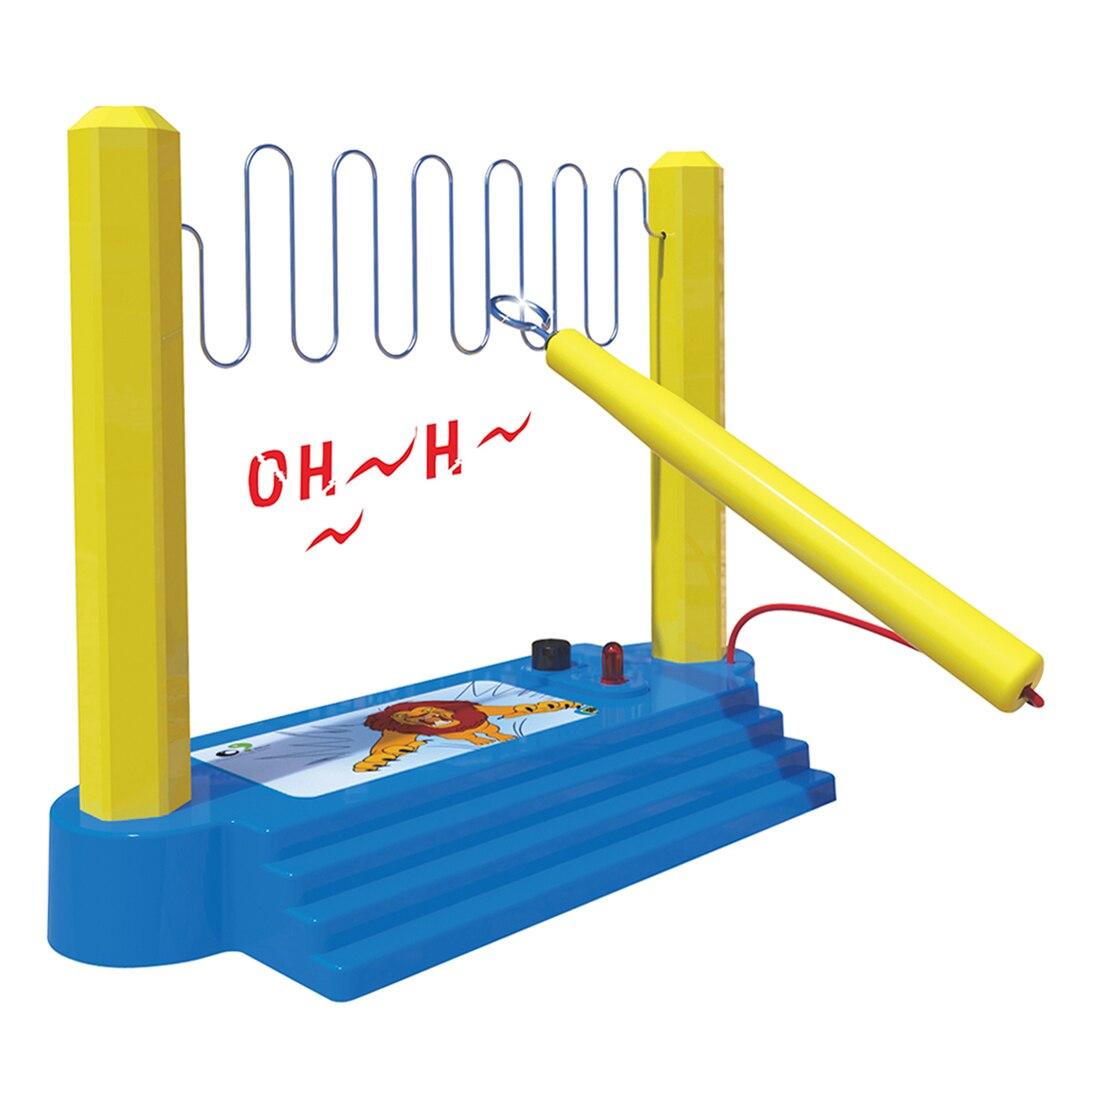 Pädagogisches Wissenschaft Spielzeug Montage Teile von Interessant Leitfähigkeit Experiment Spielzeug Für Kinder Weihnachten Geschenk